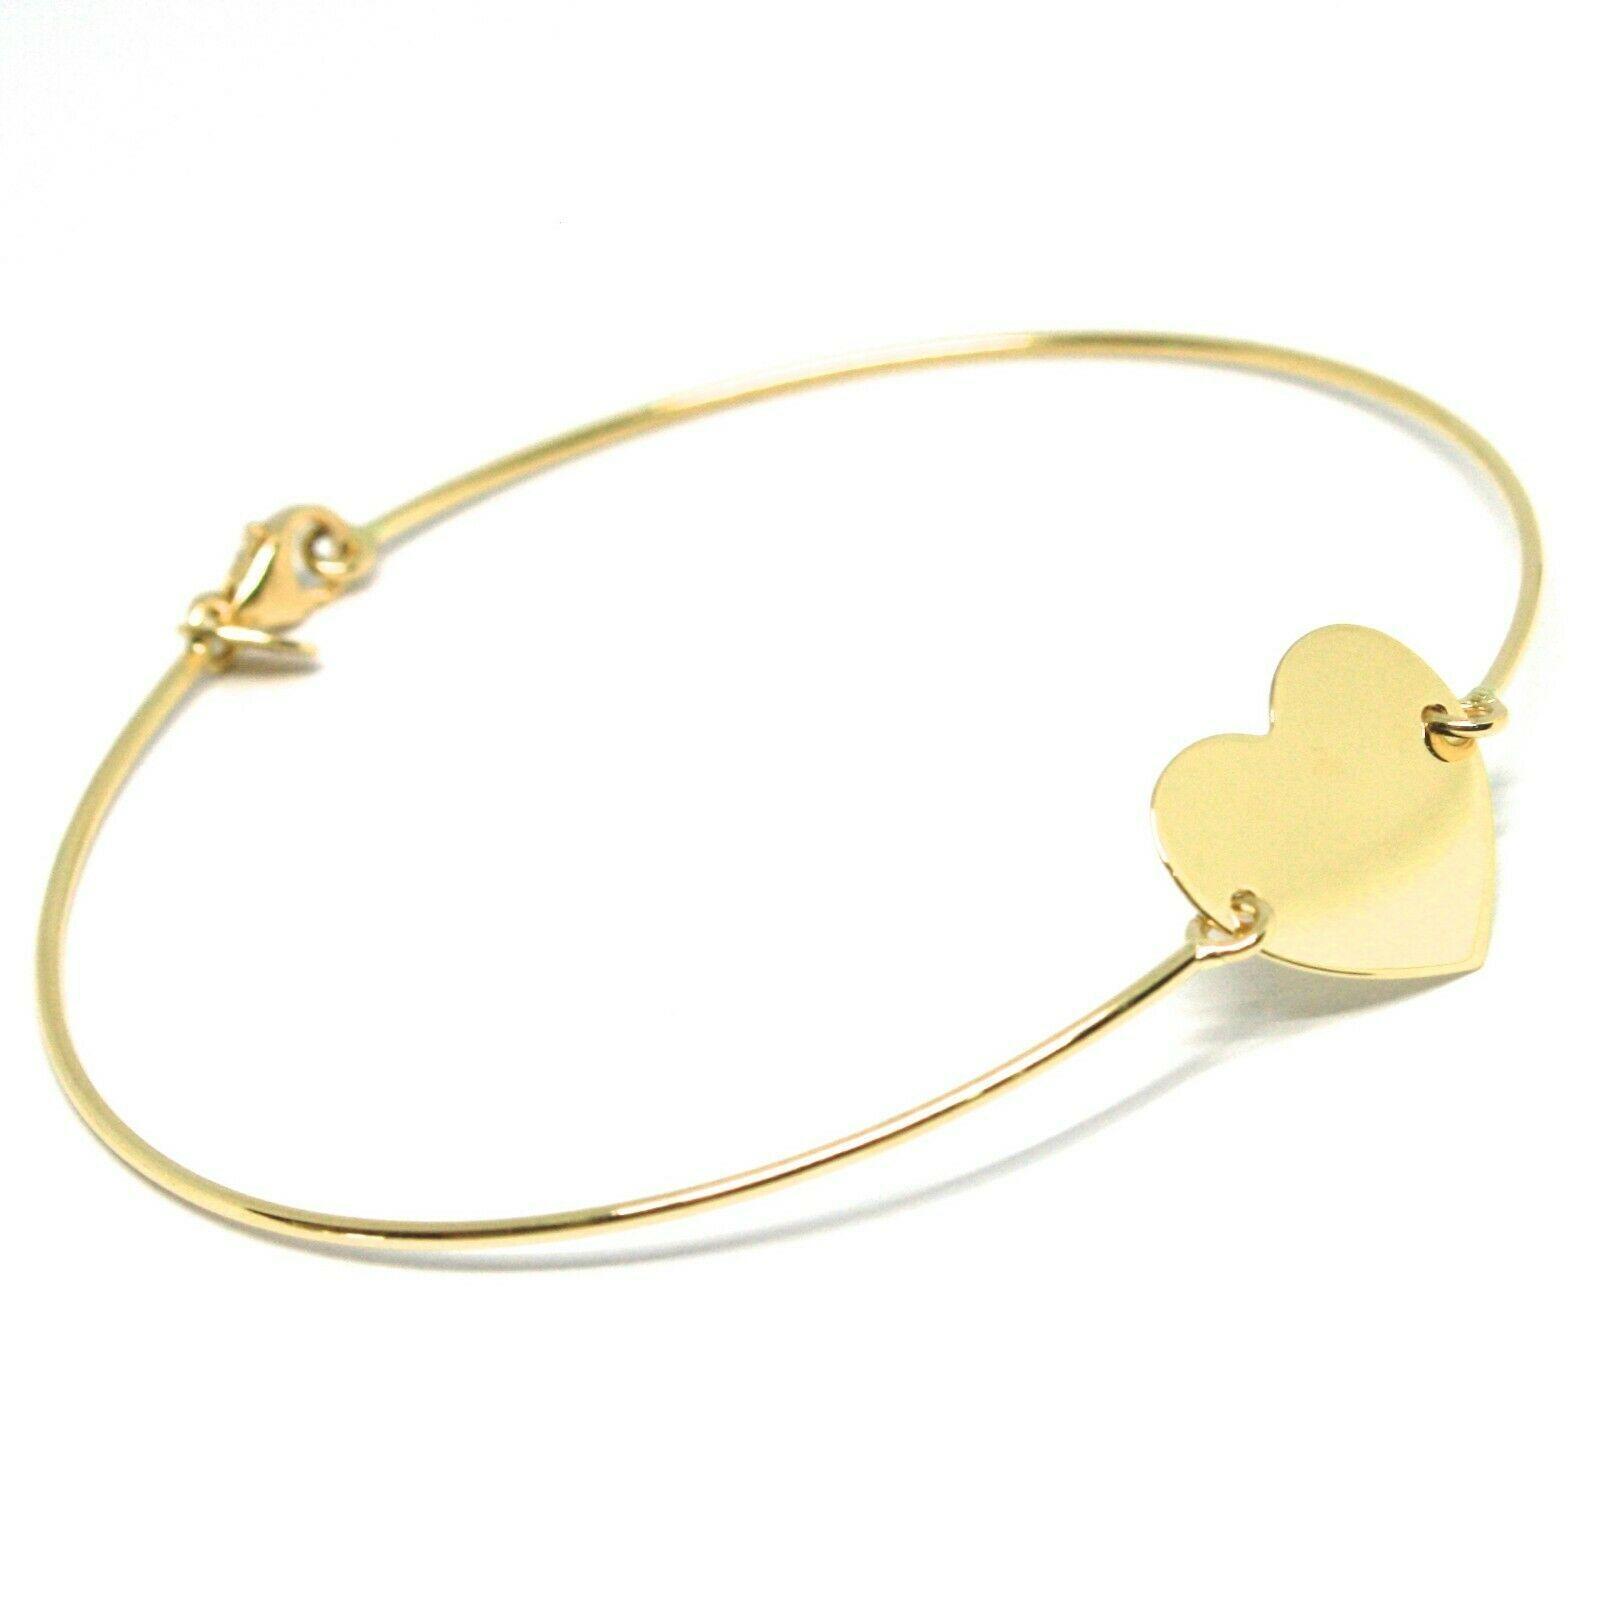 Mini Armband Gelbgold oder Weiß 750 18K, Samen Starr, Herz Gerade Zentrale